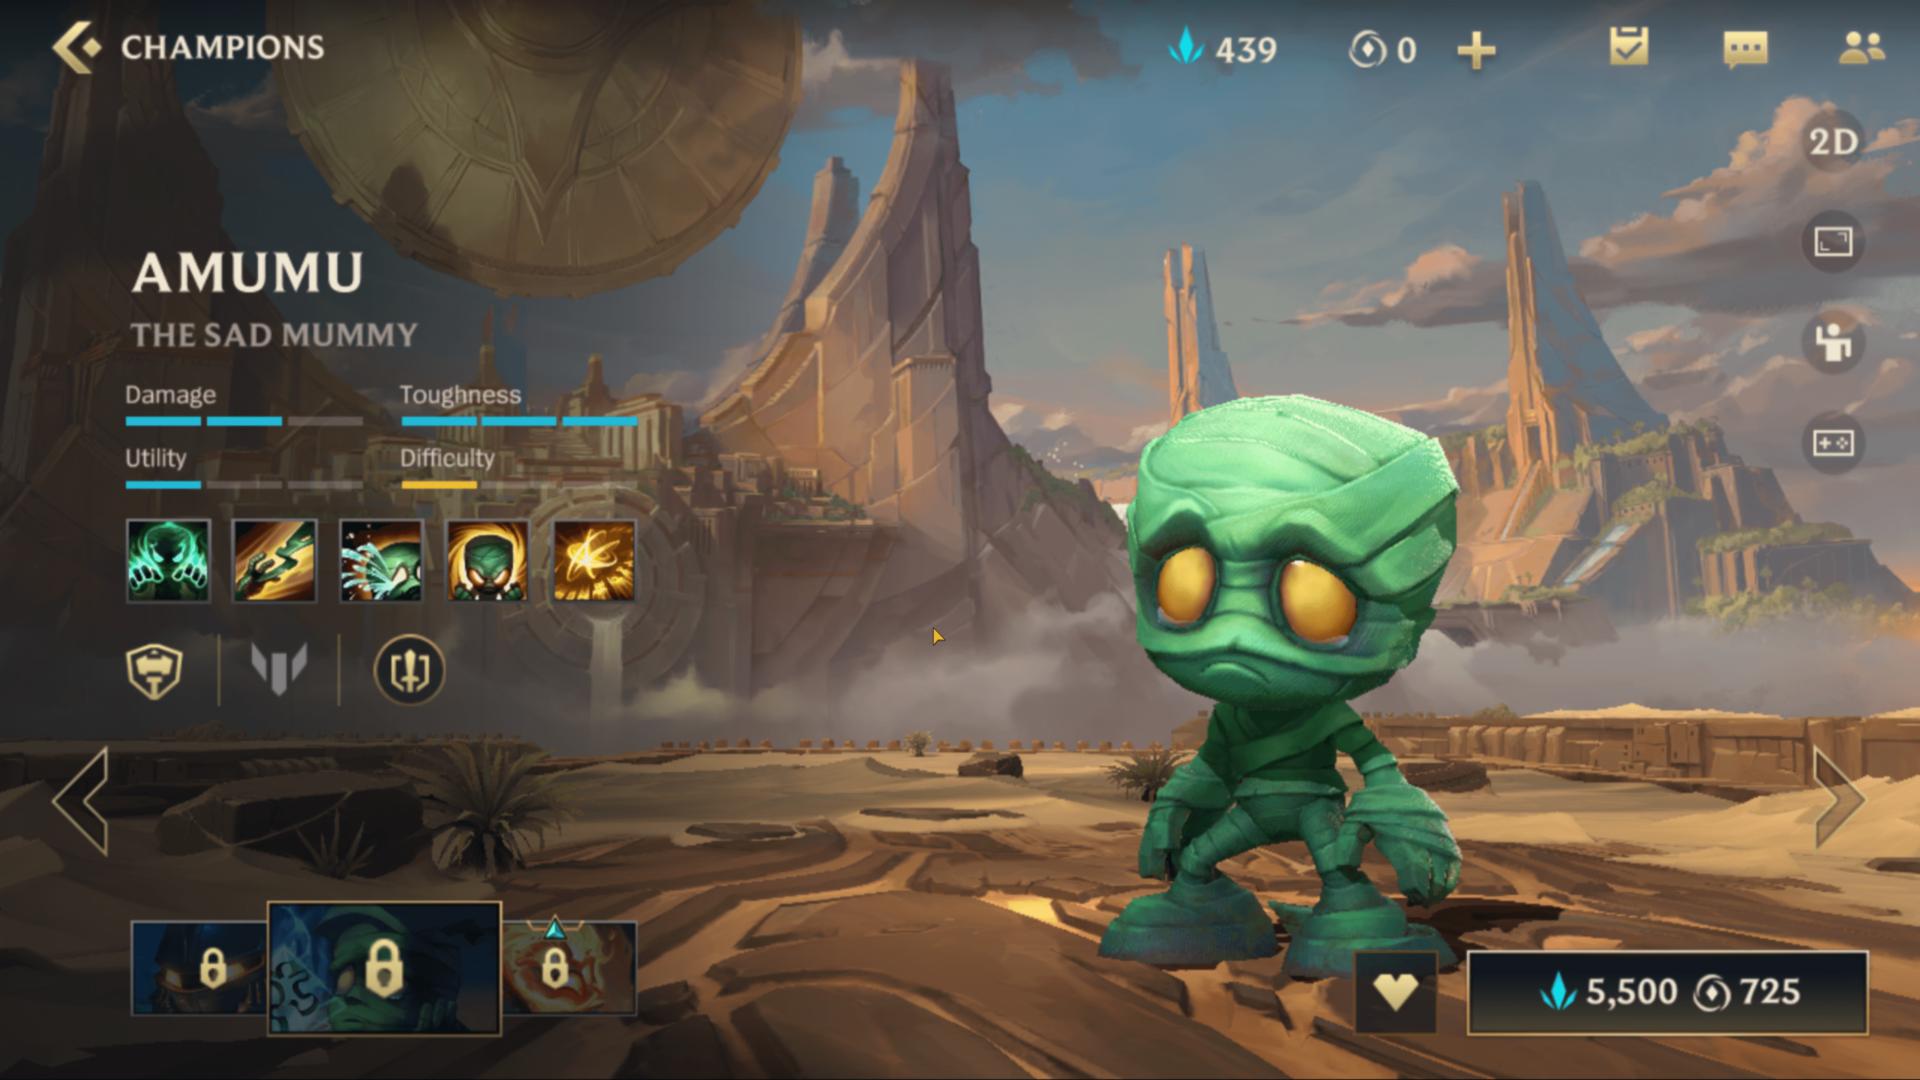 Amumu champion screenshot of League of Legends: Wild Rift video game interface.